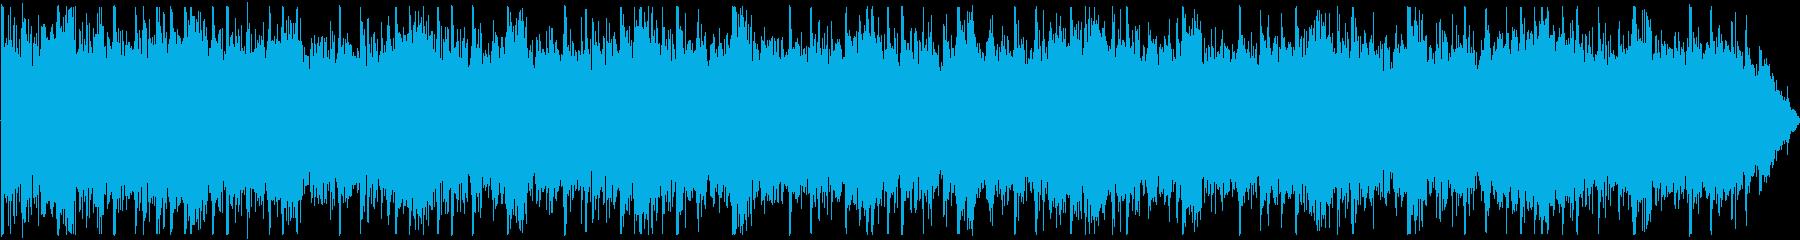 洞窟をイメージしたアンビエンスの再生済みの波形